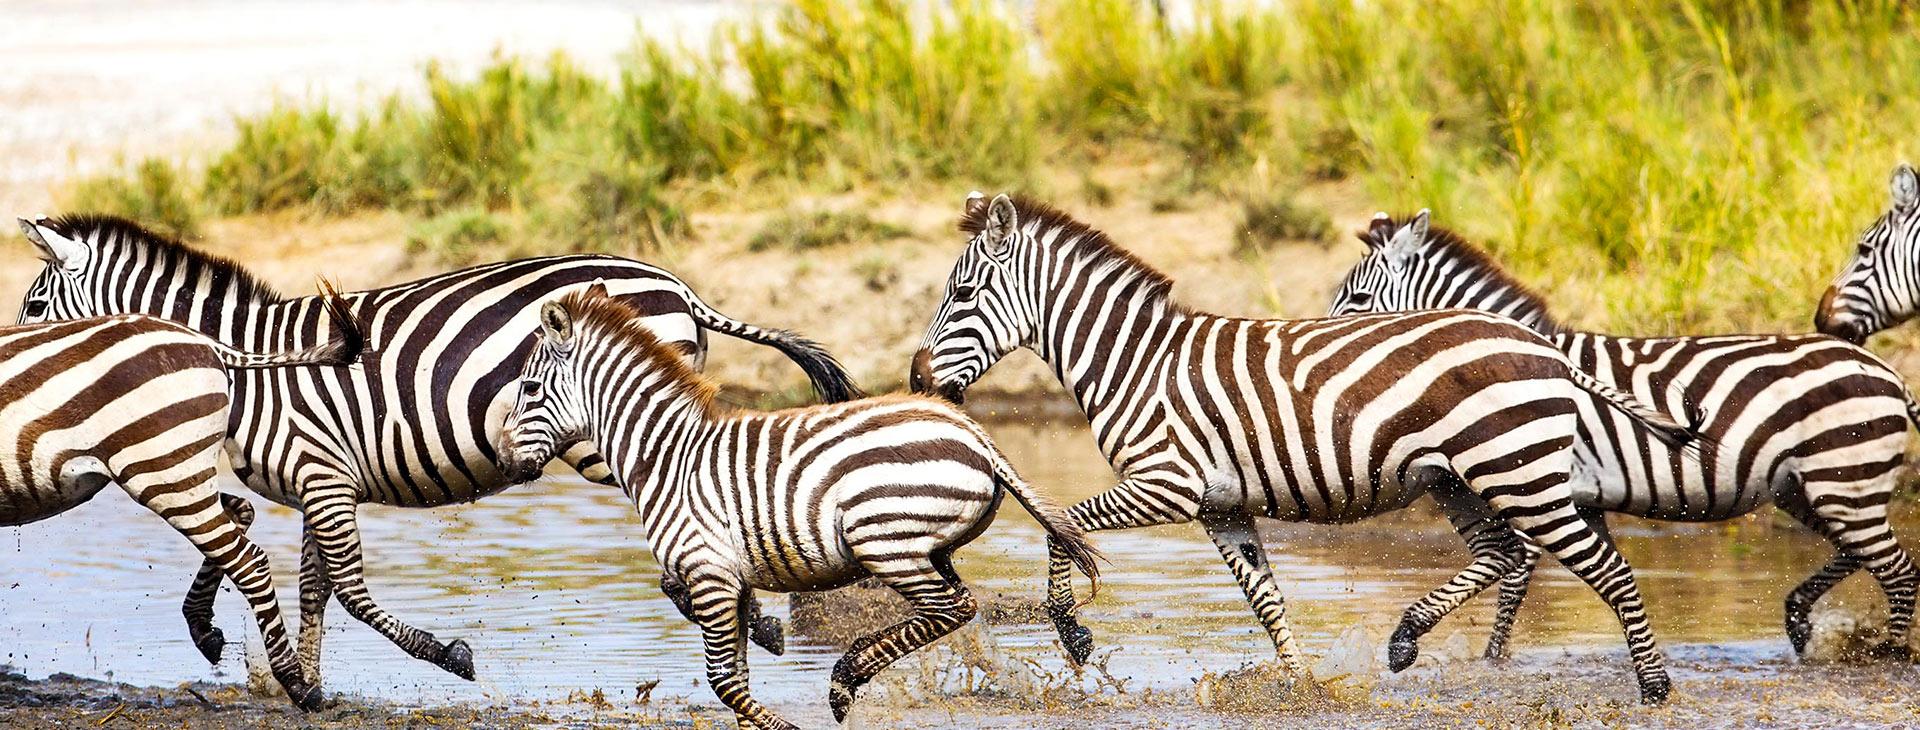 Tanzania Halal Safari